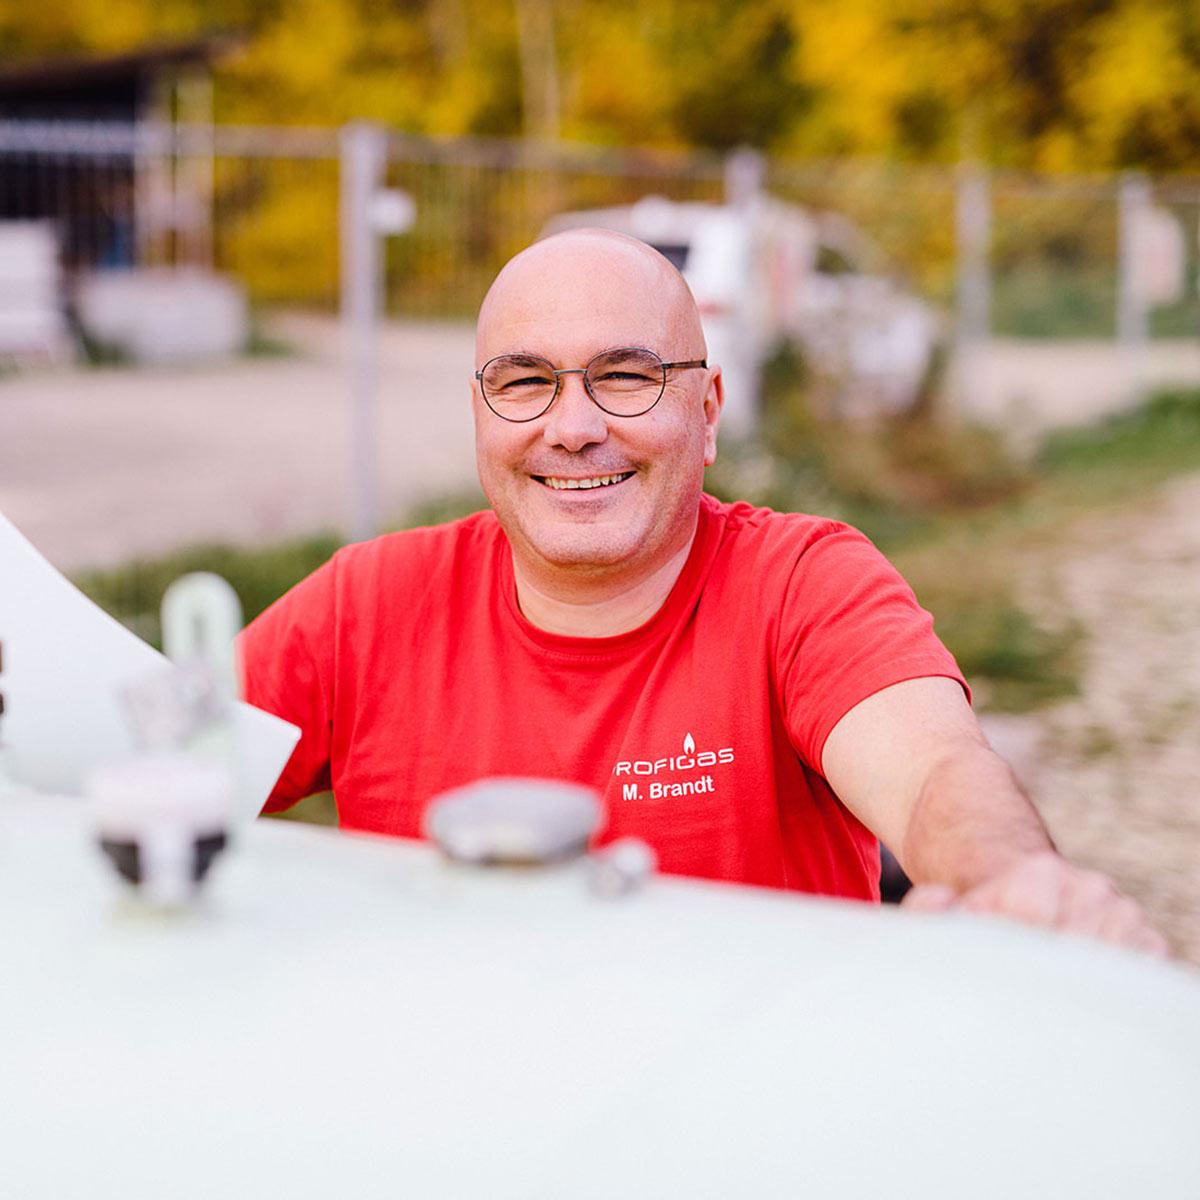 Markus Brandt bei einem Tank